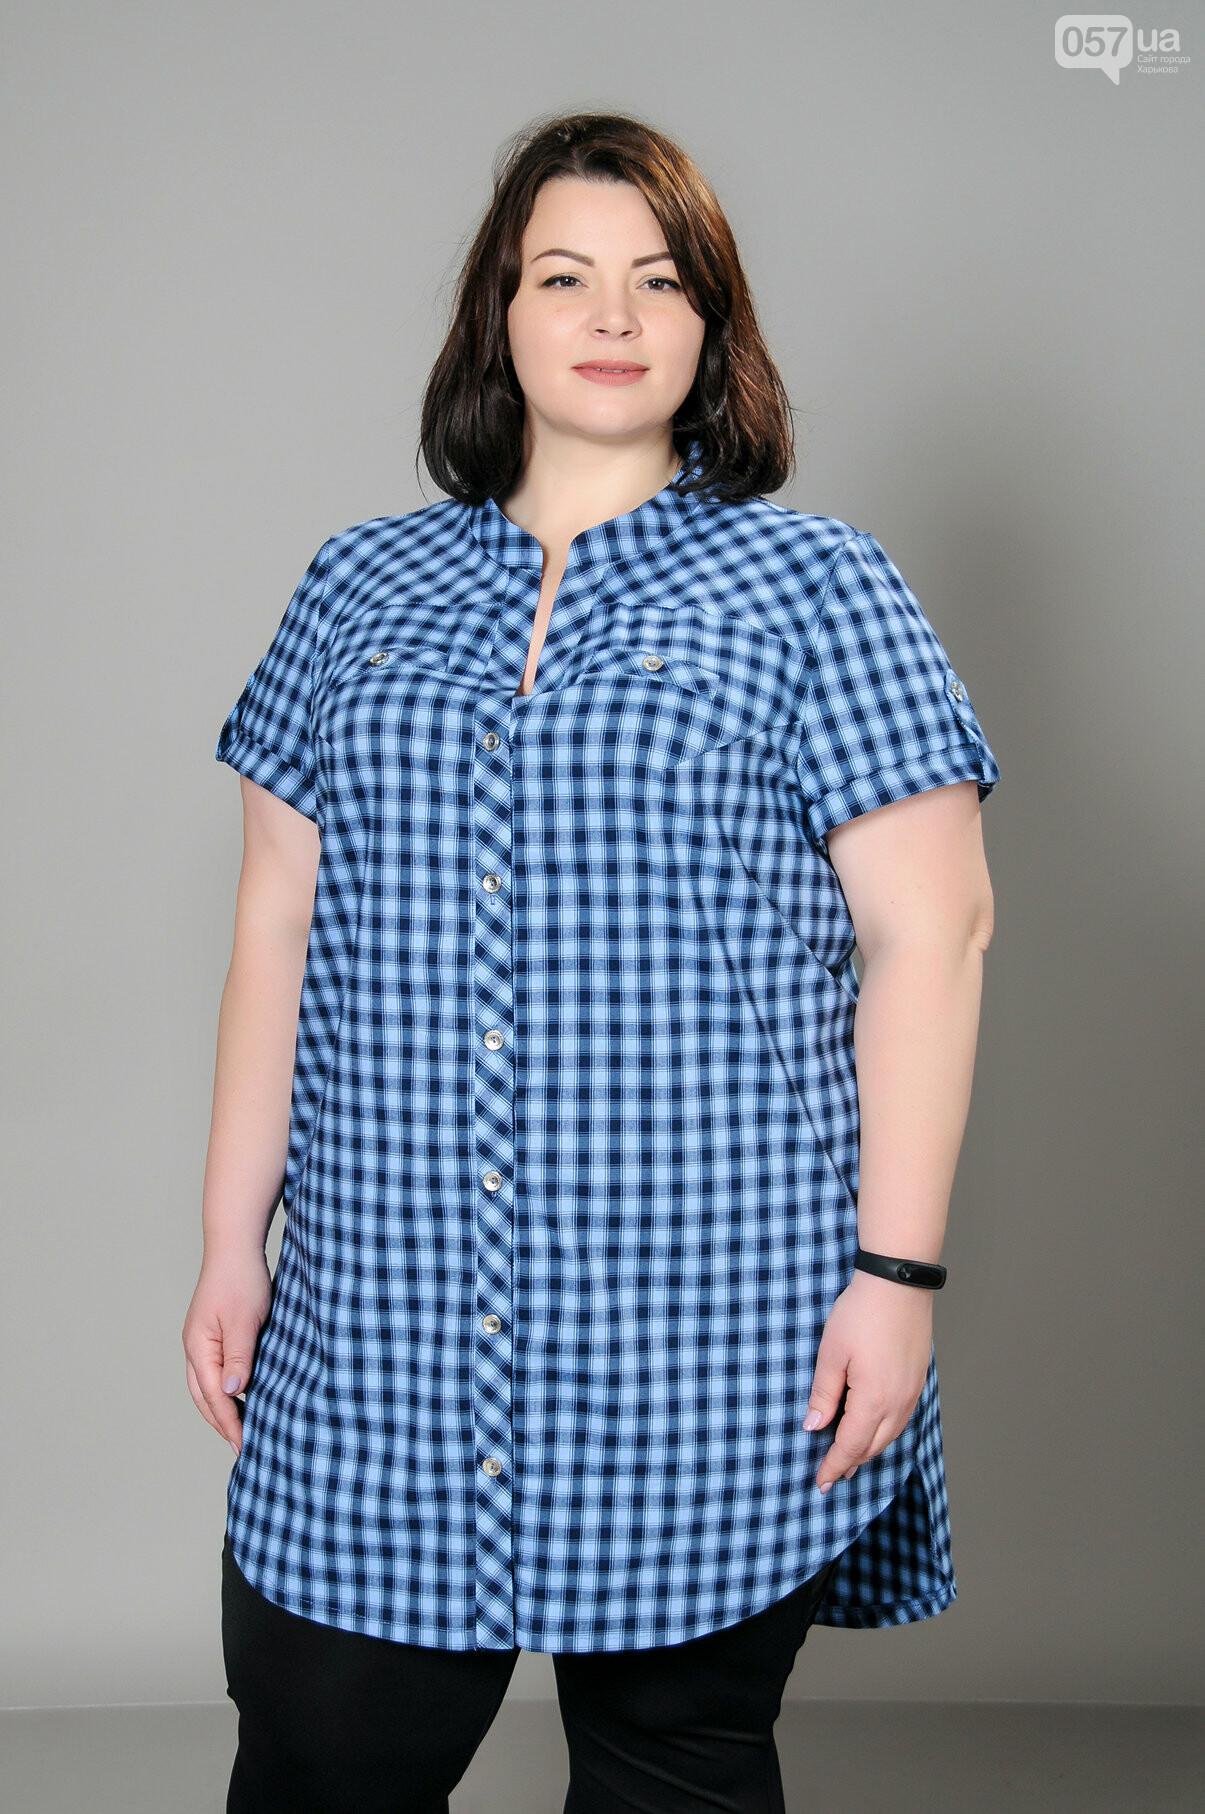 Выбираем платье большого размера, фото-4